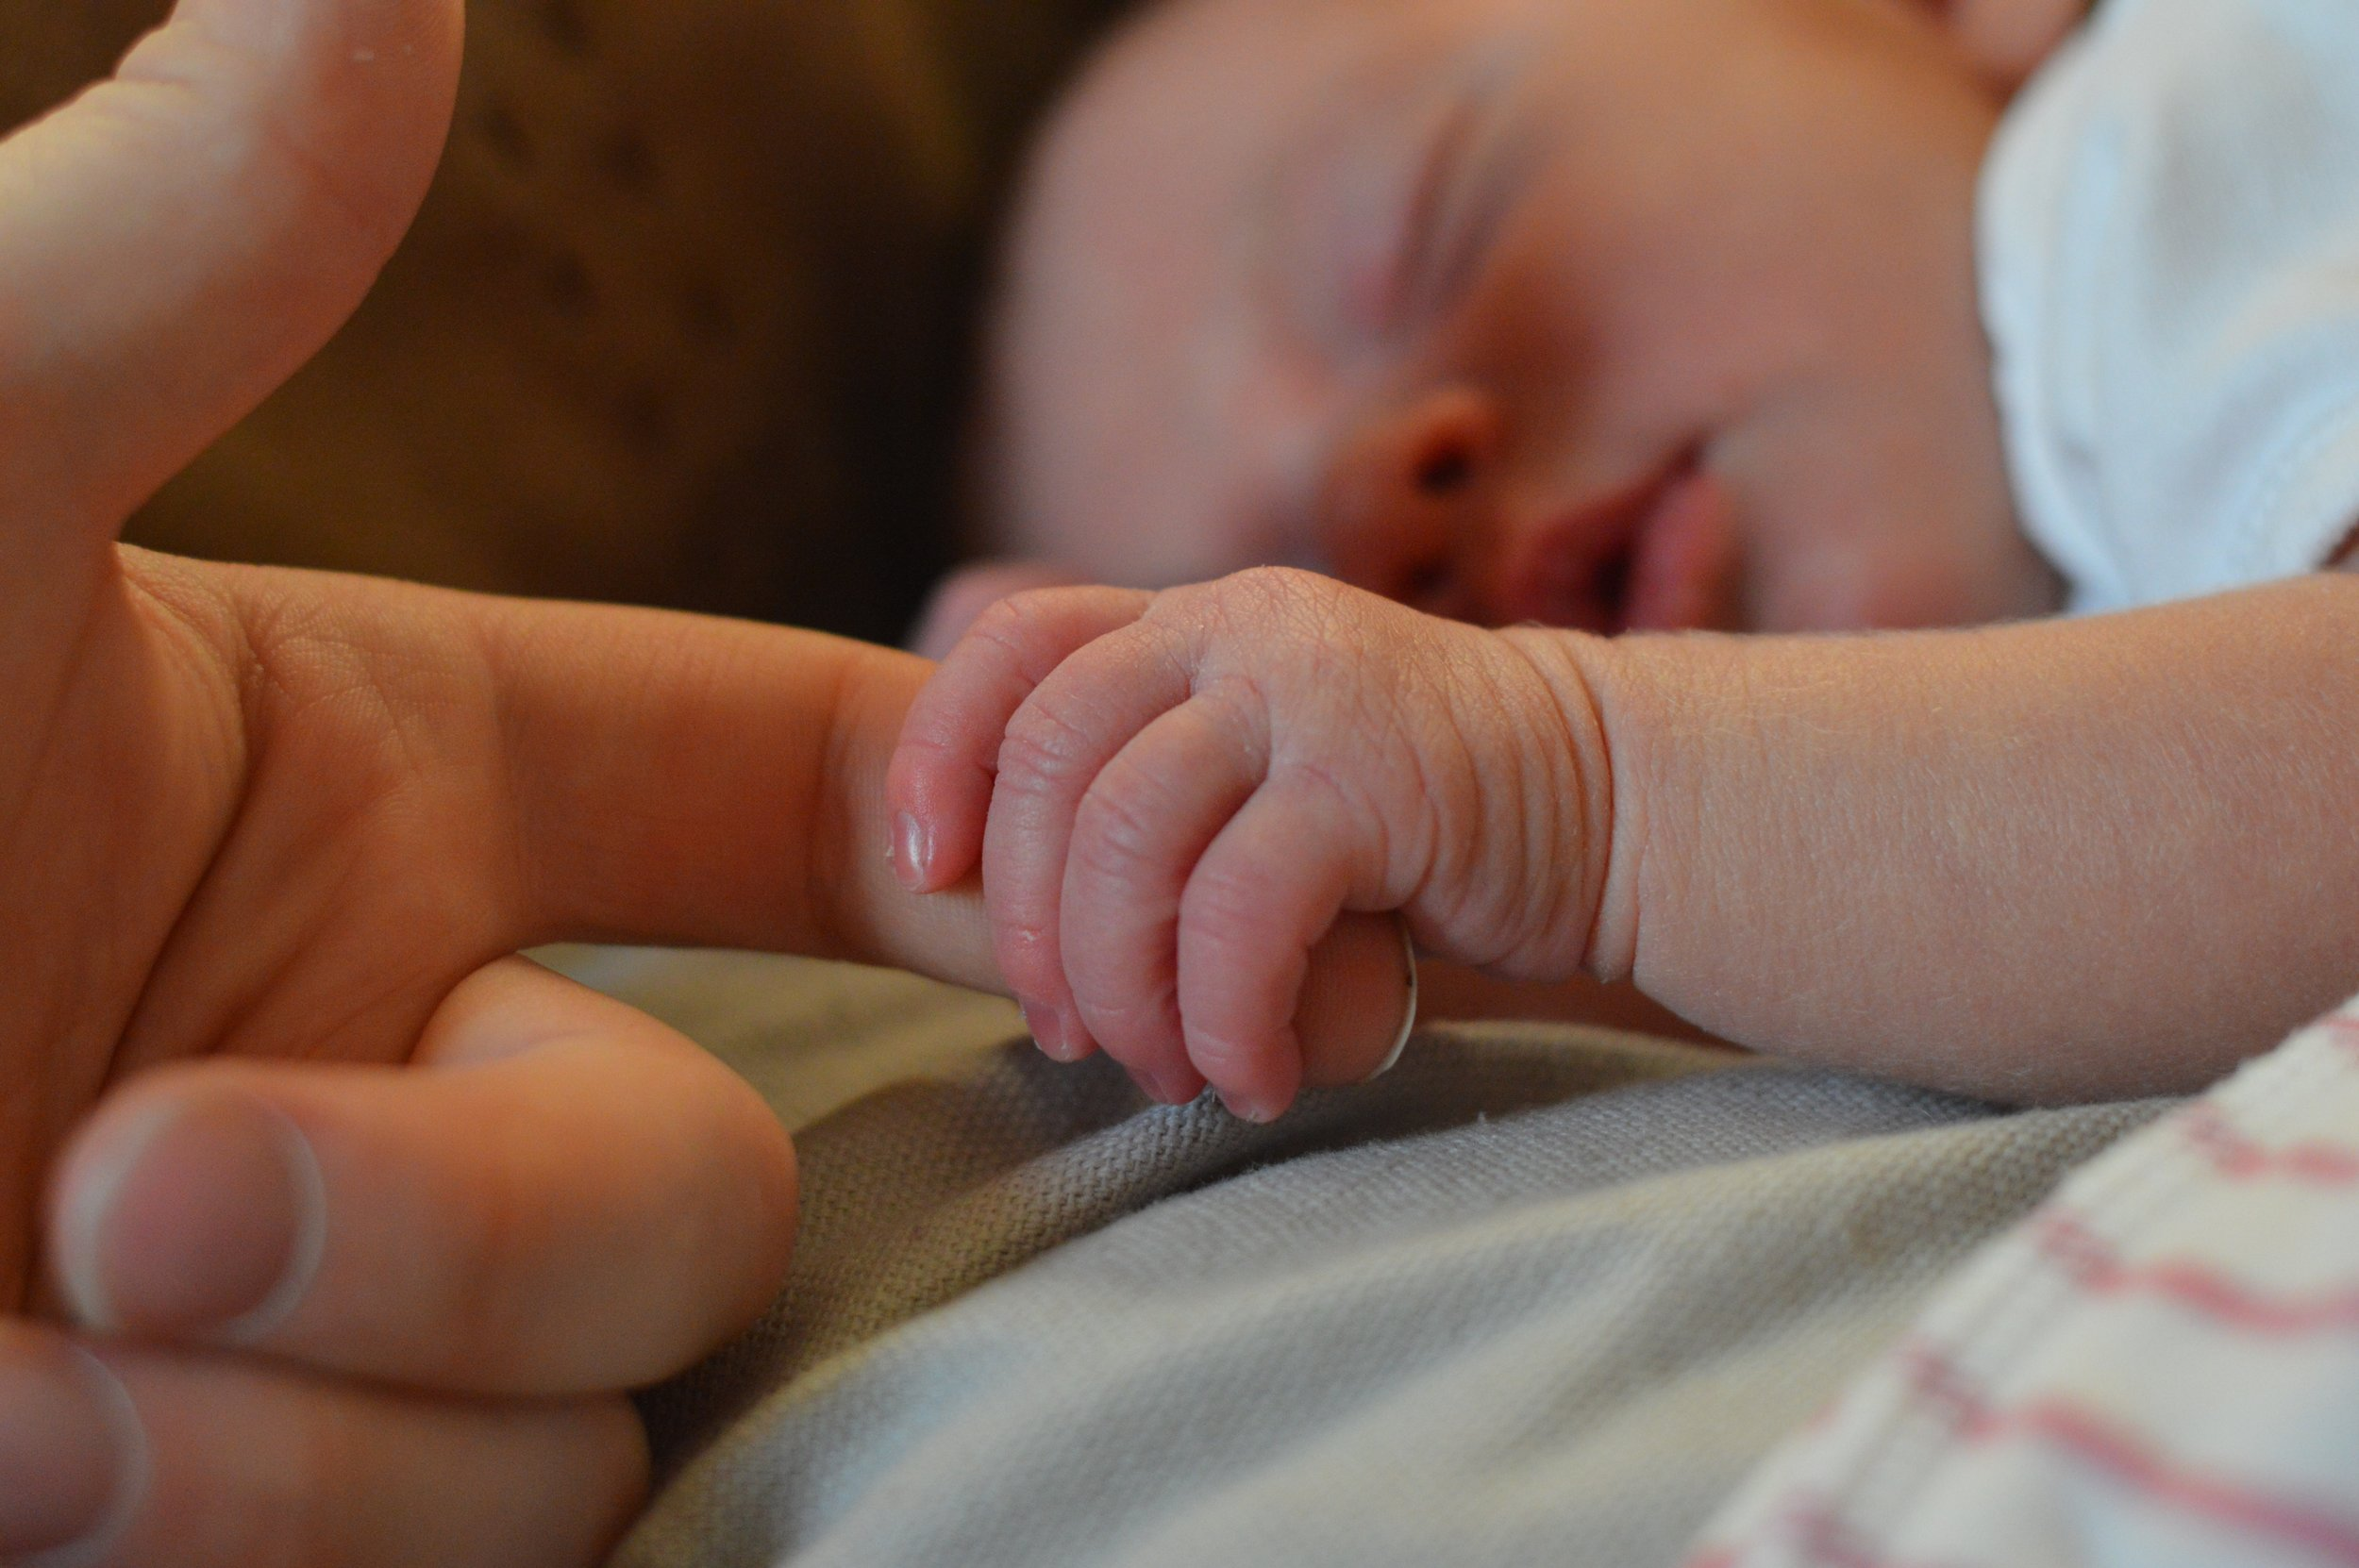 Adult Baby holding finger.jpg